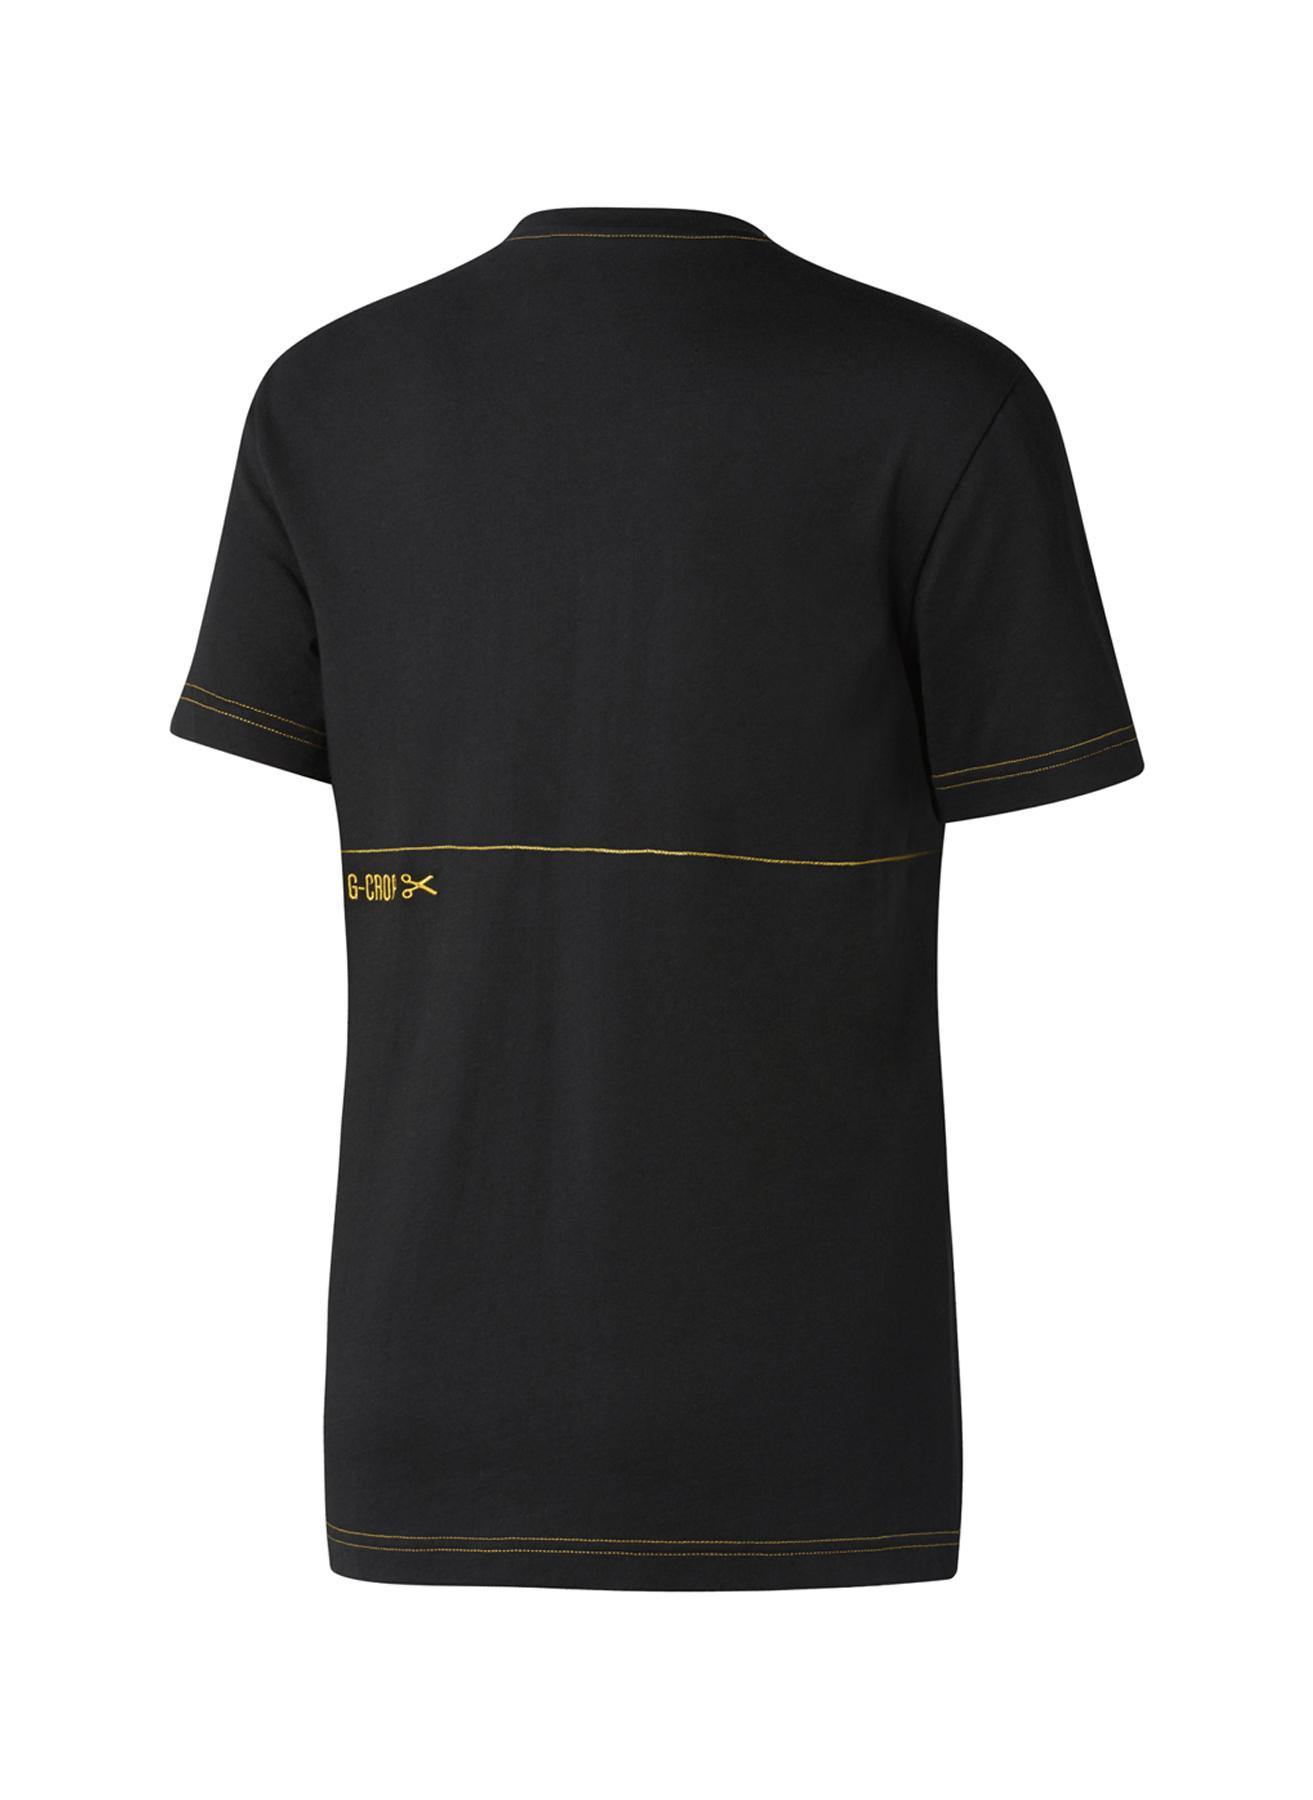 Reebok T-Shirt L 5001632989001 Ürün Resmi